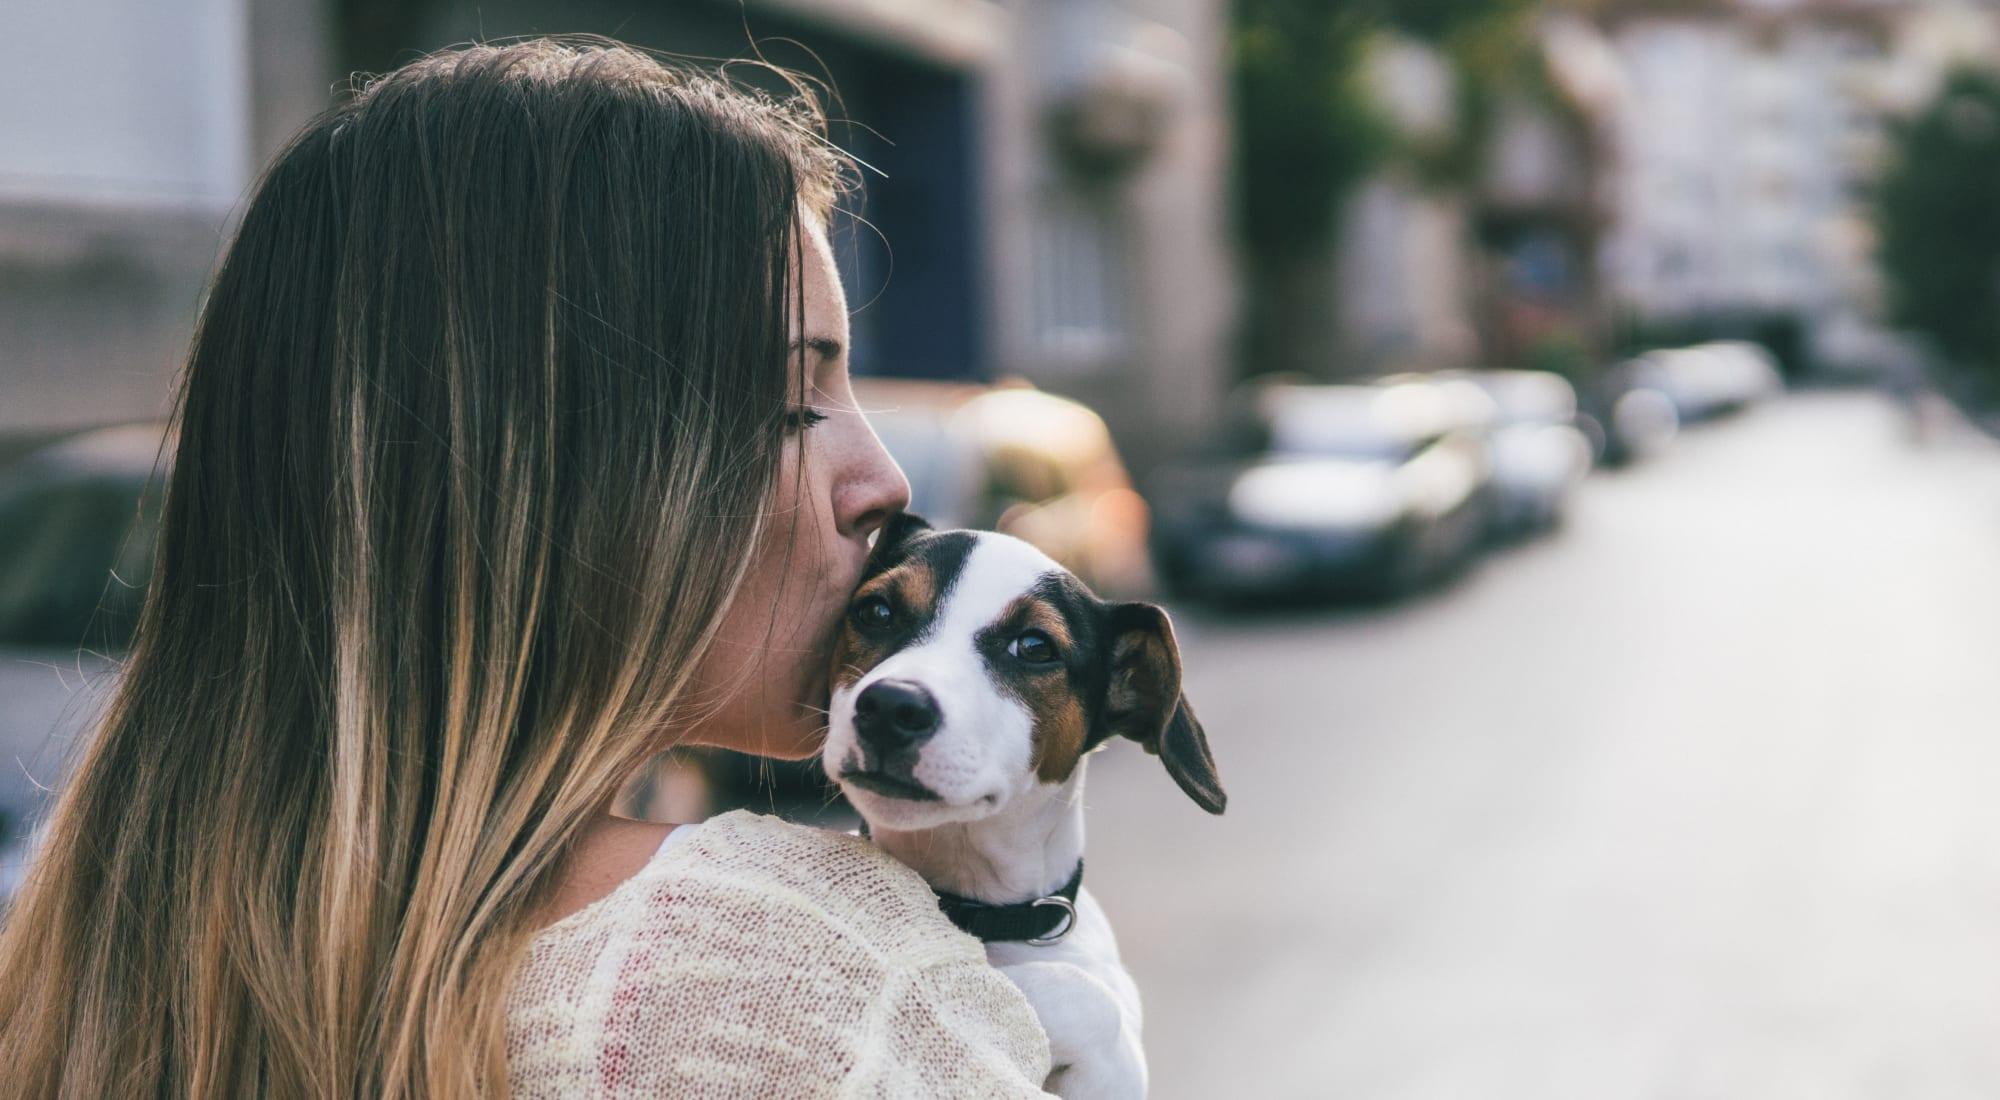 Pet-friendly apartments at Veranda La Mesa in La Mesa, California